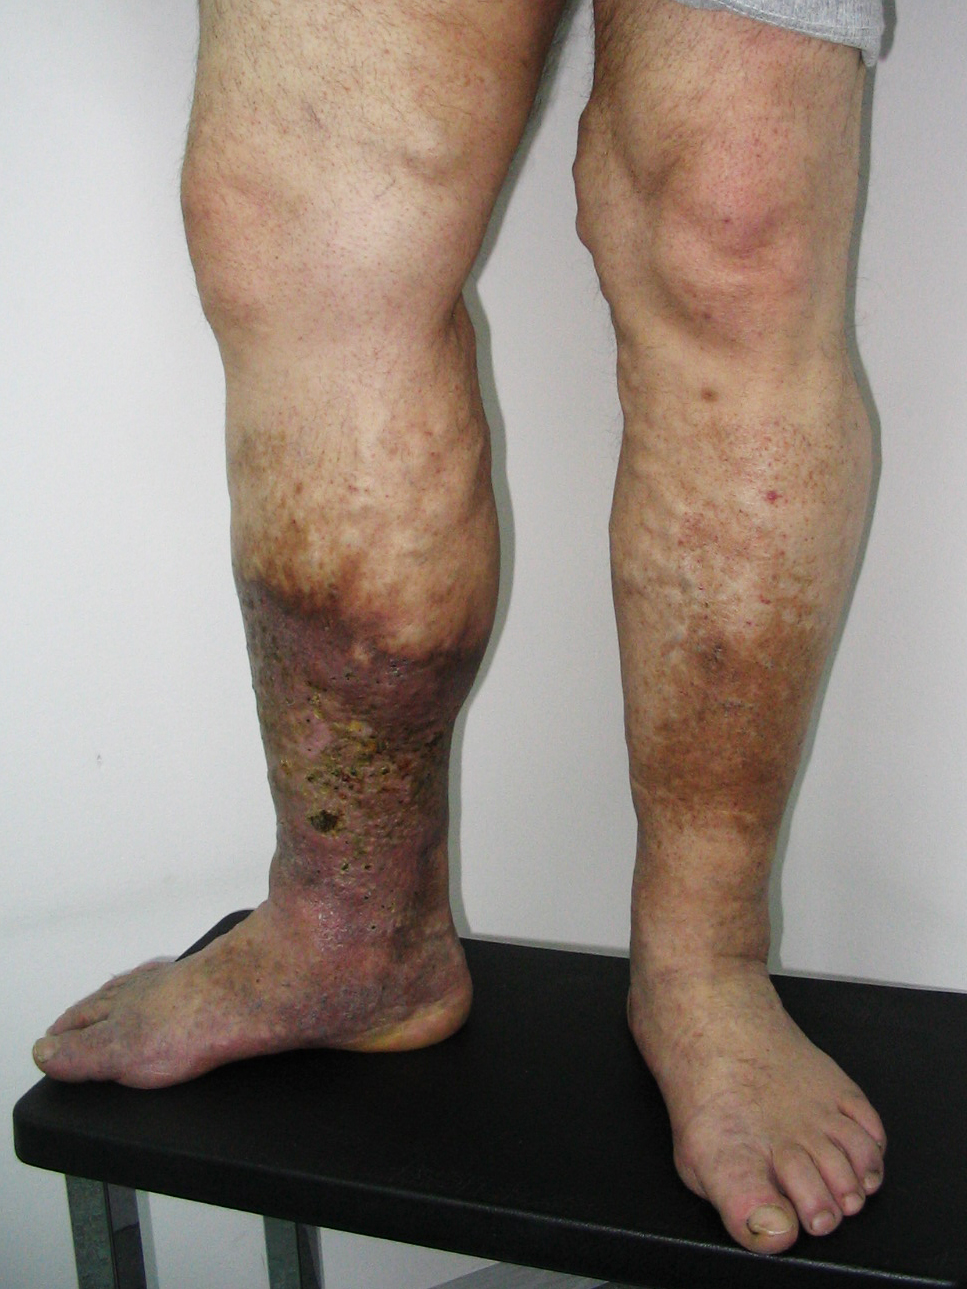 almaecet visszér kezelésére visszér fotó a láb tünetei